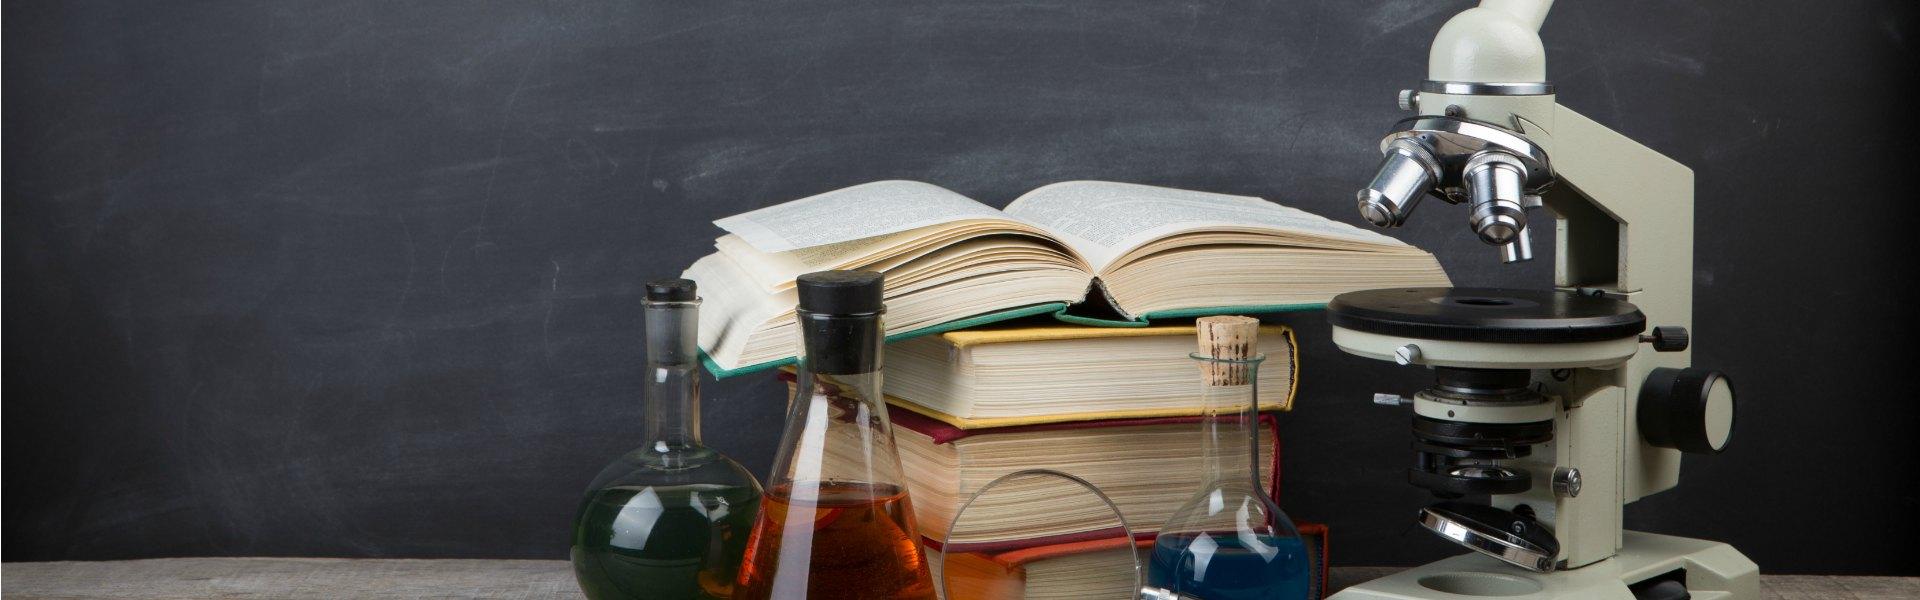 Education Outreach